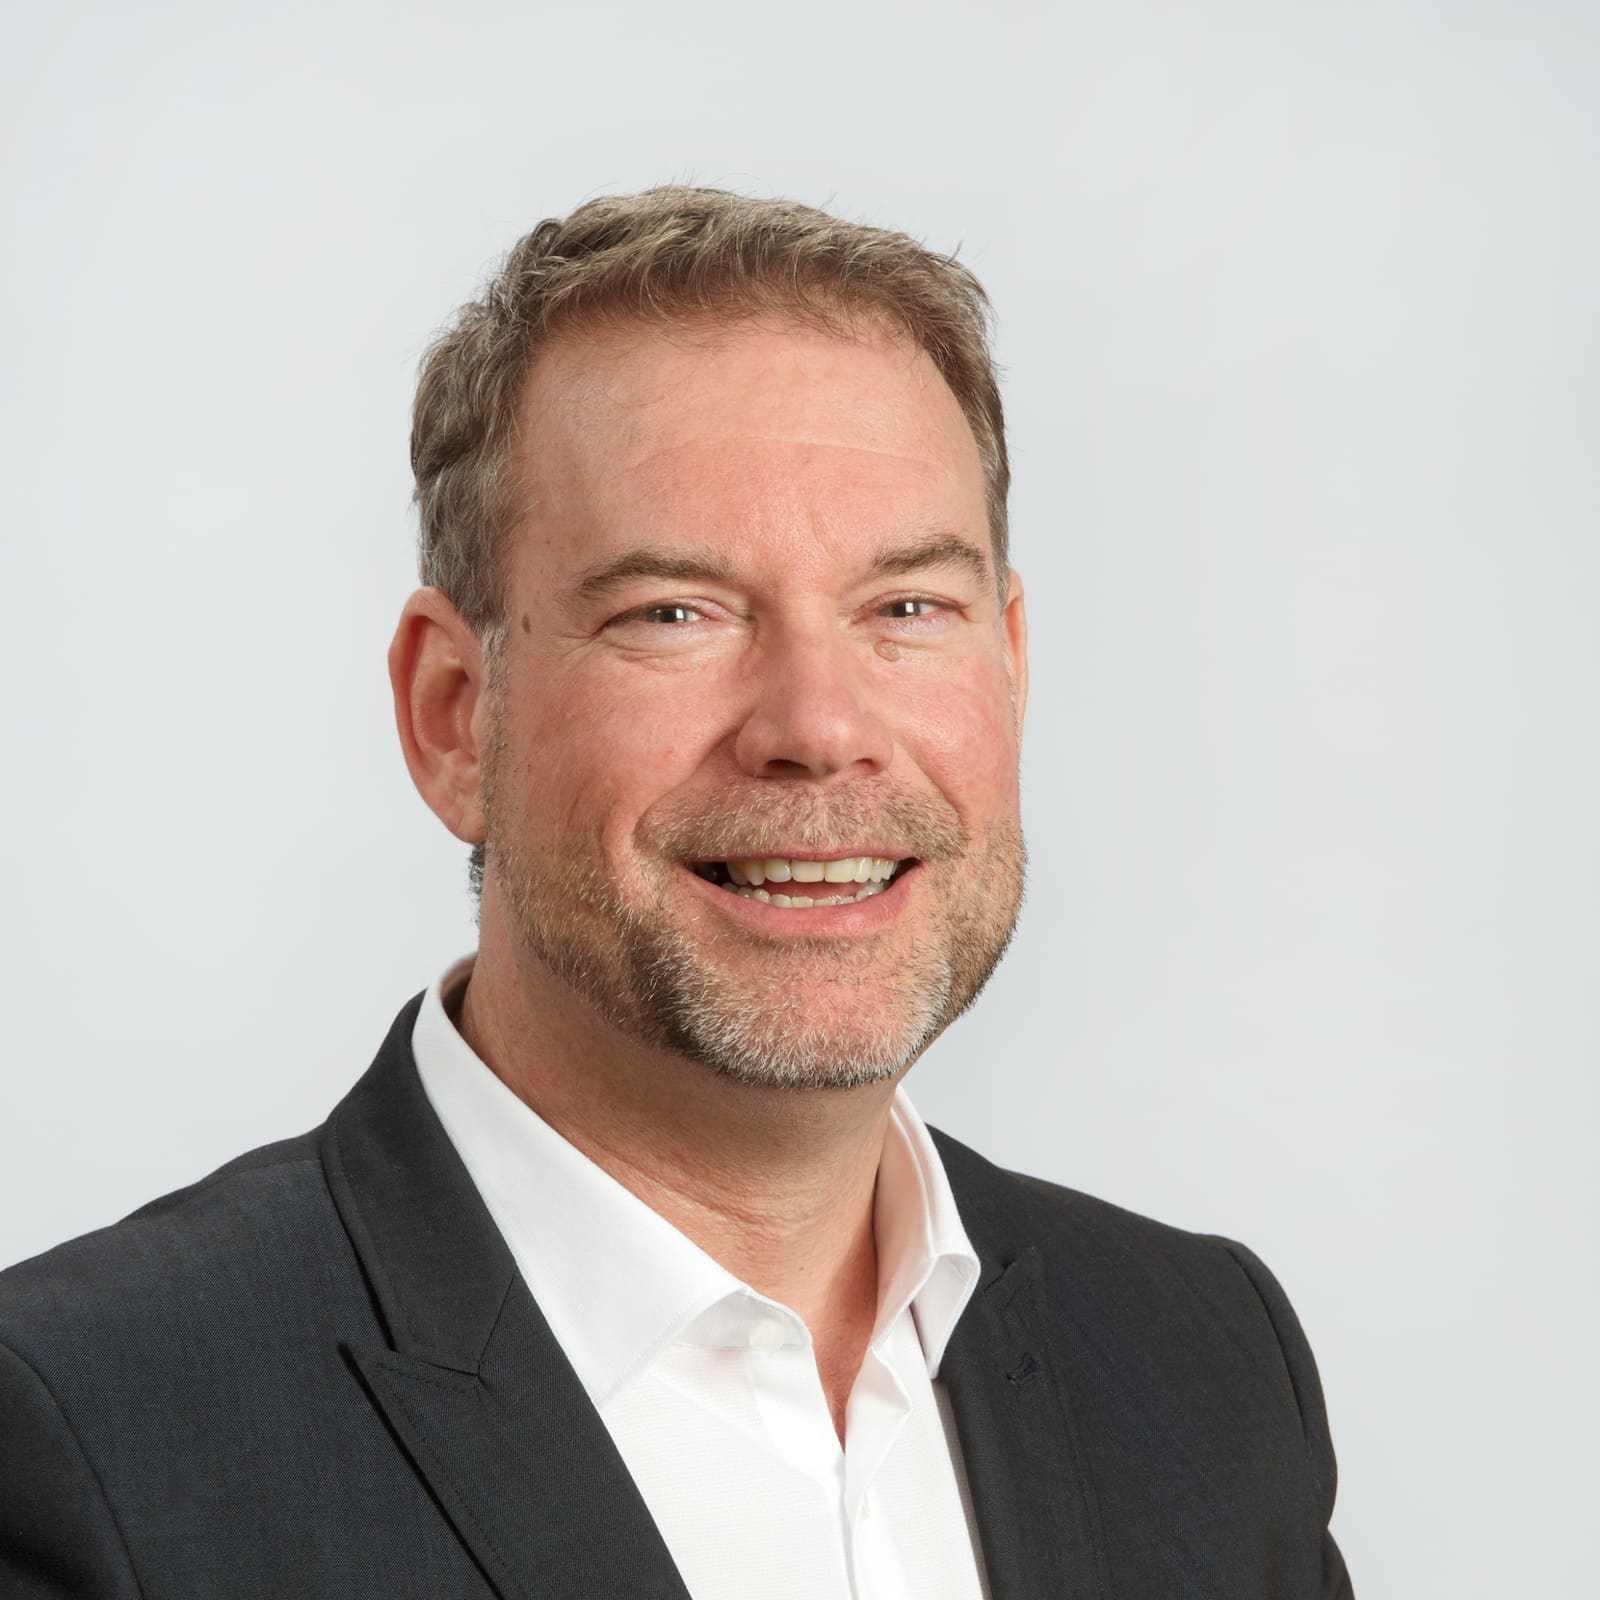 Frank van den Bergh - Eigenaar van Administratiekantoor Begelei in Velp